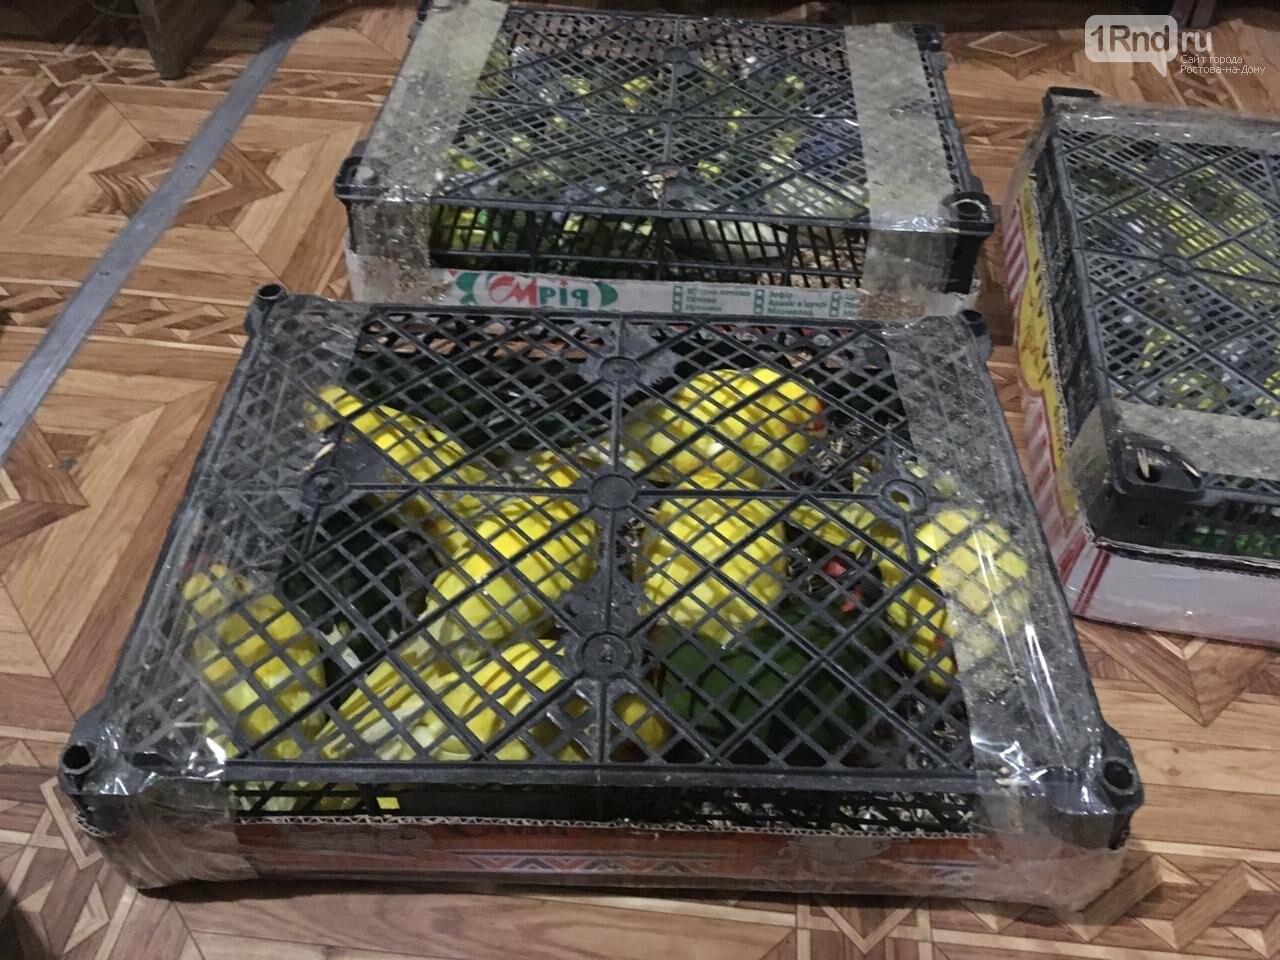 Донские пограничники задержали контрабандистов, перебросивших через границу  сумки с попугаями, фото-1